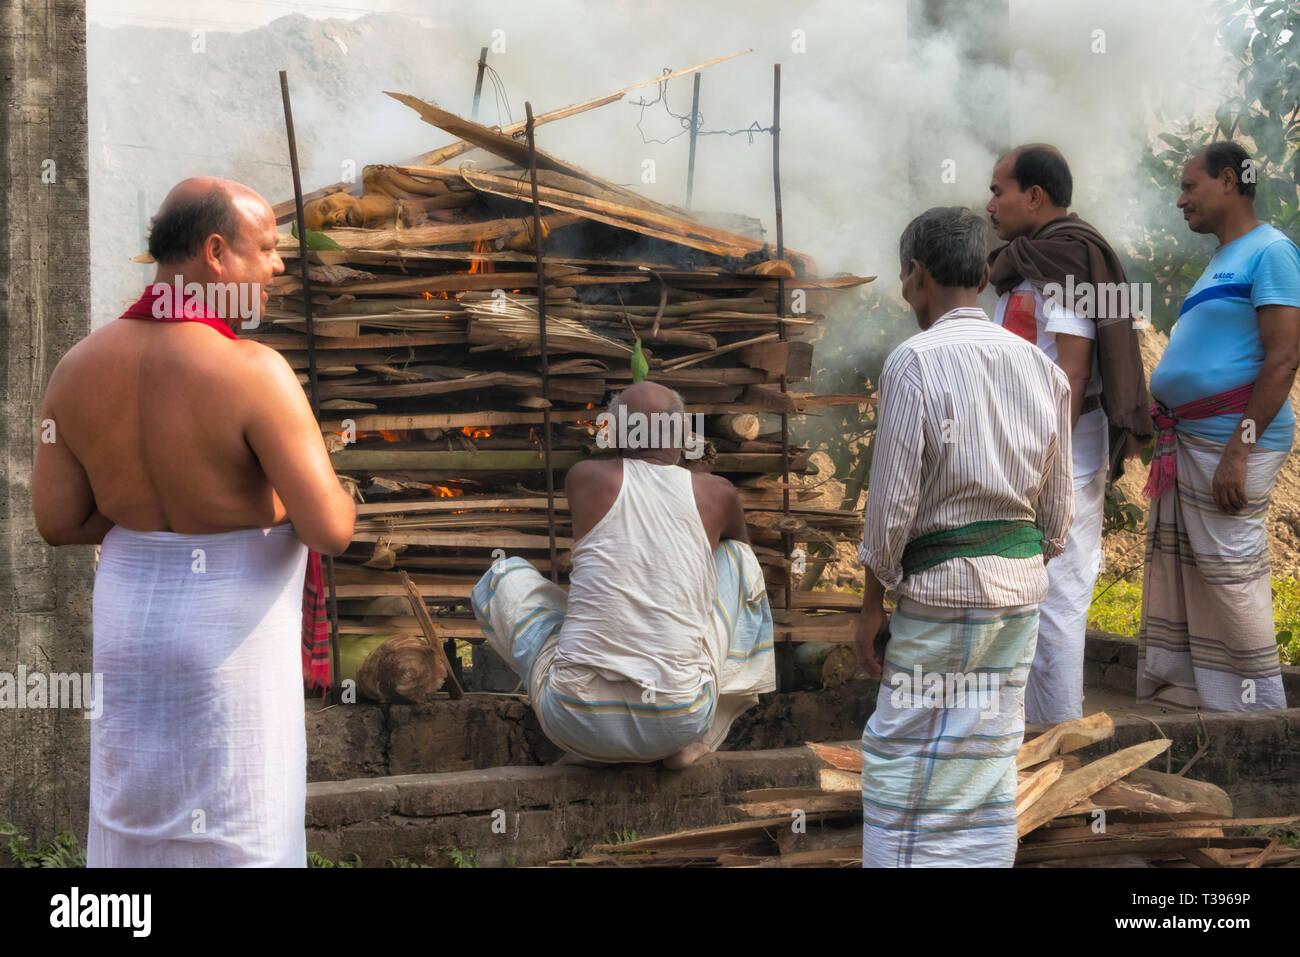 La población hindú cadáver ardiendo en el funeral, distrito de Bogra, división de Rajshahi, Bangladesh Imagen De Stock